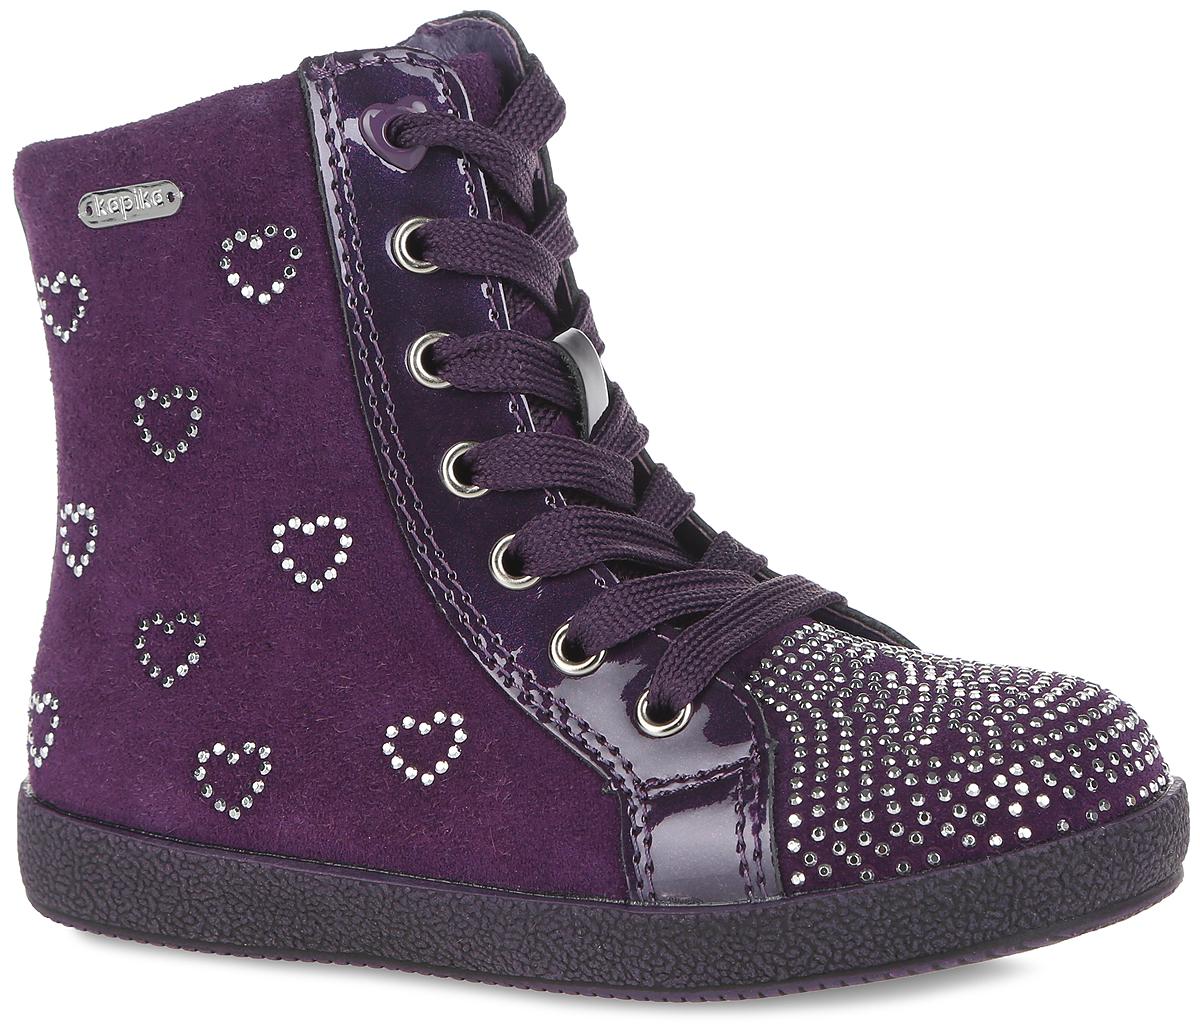 Ботинки для девочки. 5220252202Прелестные детские ботинки от Kapika заинтересуют вашу маленькую модницу с первого взгляда. Модель полностью выполнена из натуральной кожи и дополнена нашивками с лаковым покрытием. Ботинки украшены стразами, на боковой стороне расположена пластинка с названием бренда. Модель фиксируется на ноге с помощью удобной молнии. Регулировать объем можно с помощью шнурков. Стелька из мягкого текстиля и шерсти дополнена небольшим супинатором с перфорацией, который обеспечивает правильное положение стопы ребенка при ходьбе и предотвращает плоскостопие. Мягкий манжет создает комфорт при ходьбе и предотвращает натирание ножки ребенка. Легкая и гибкая подошва изготовлена из ТЭП-материала, а ее рифленая поверхность обеспечит отличное сцепление с любой поверхностью. Чудесные ботинки займут достойное место в гардеробе вашего ребенка.